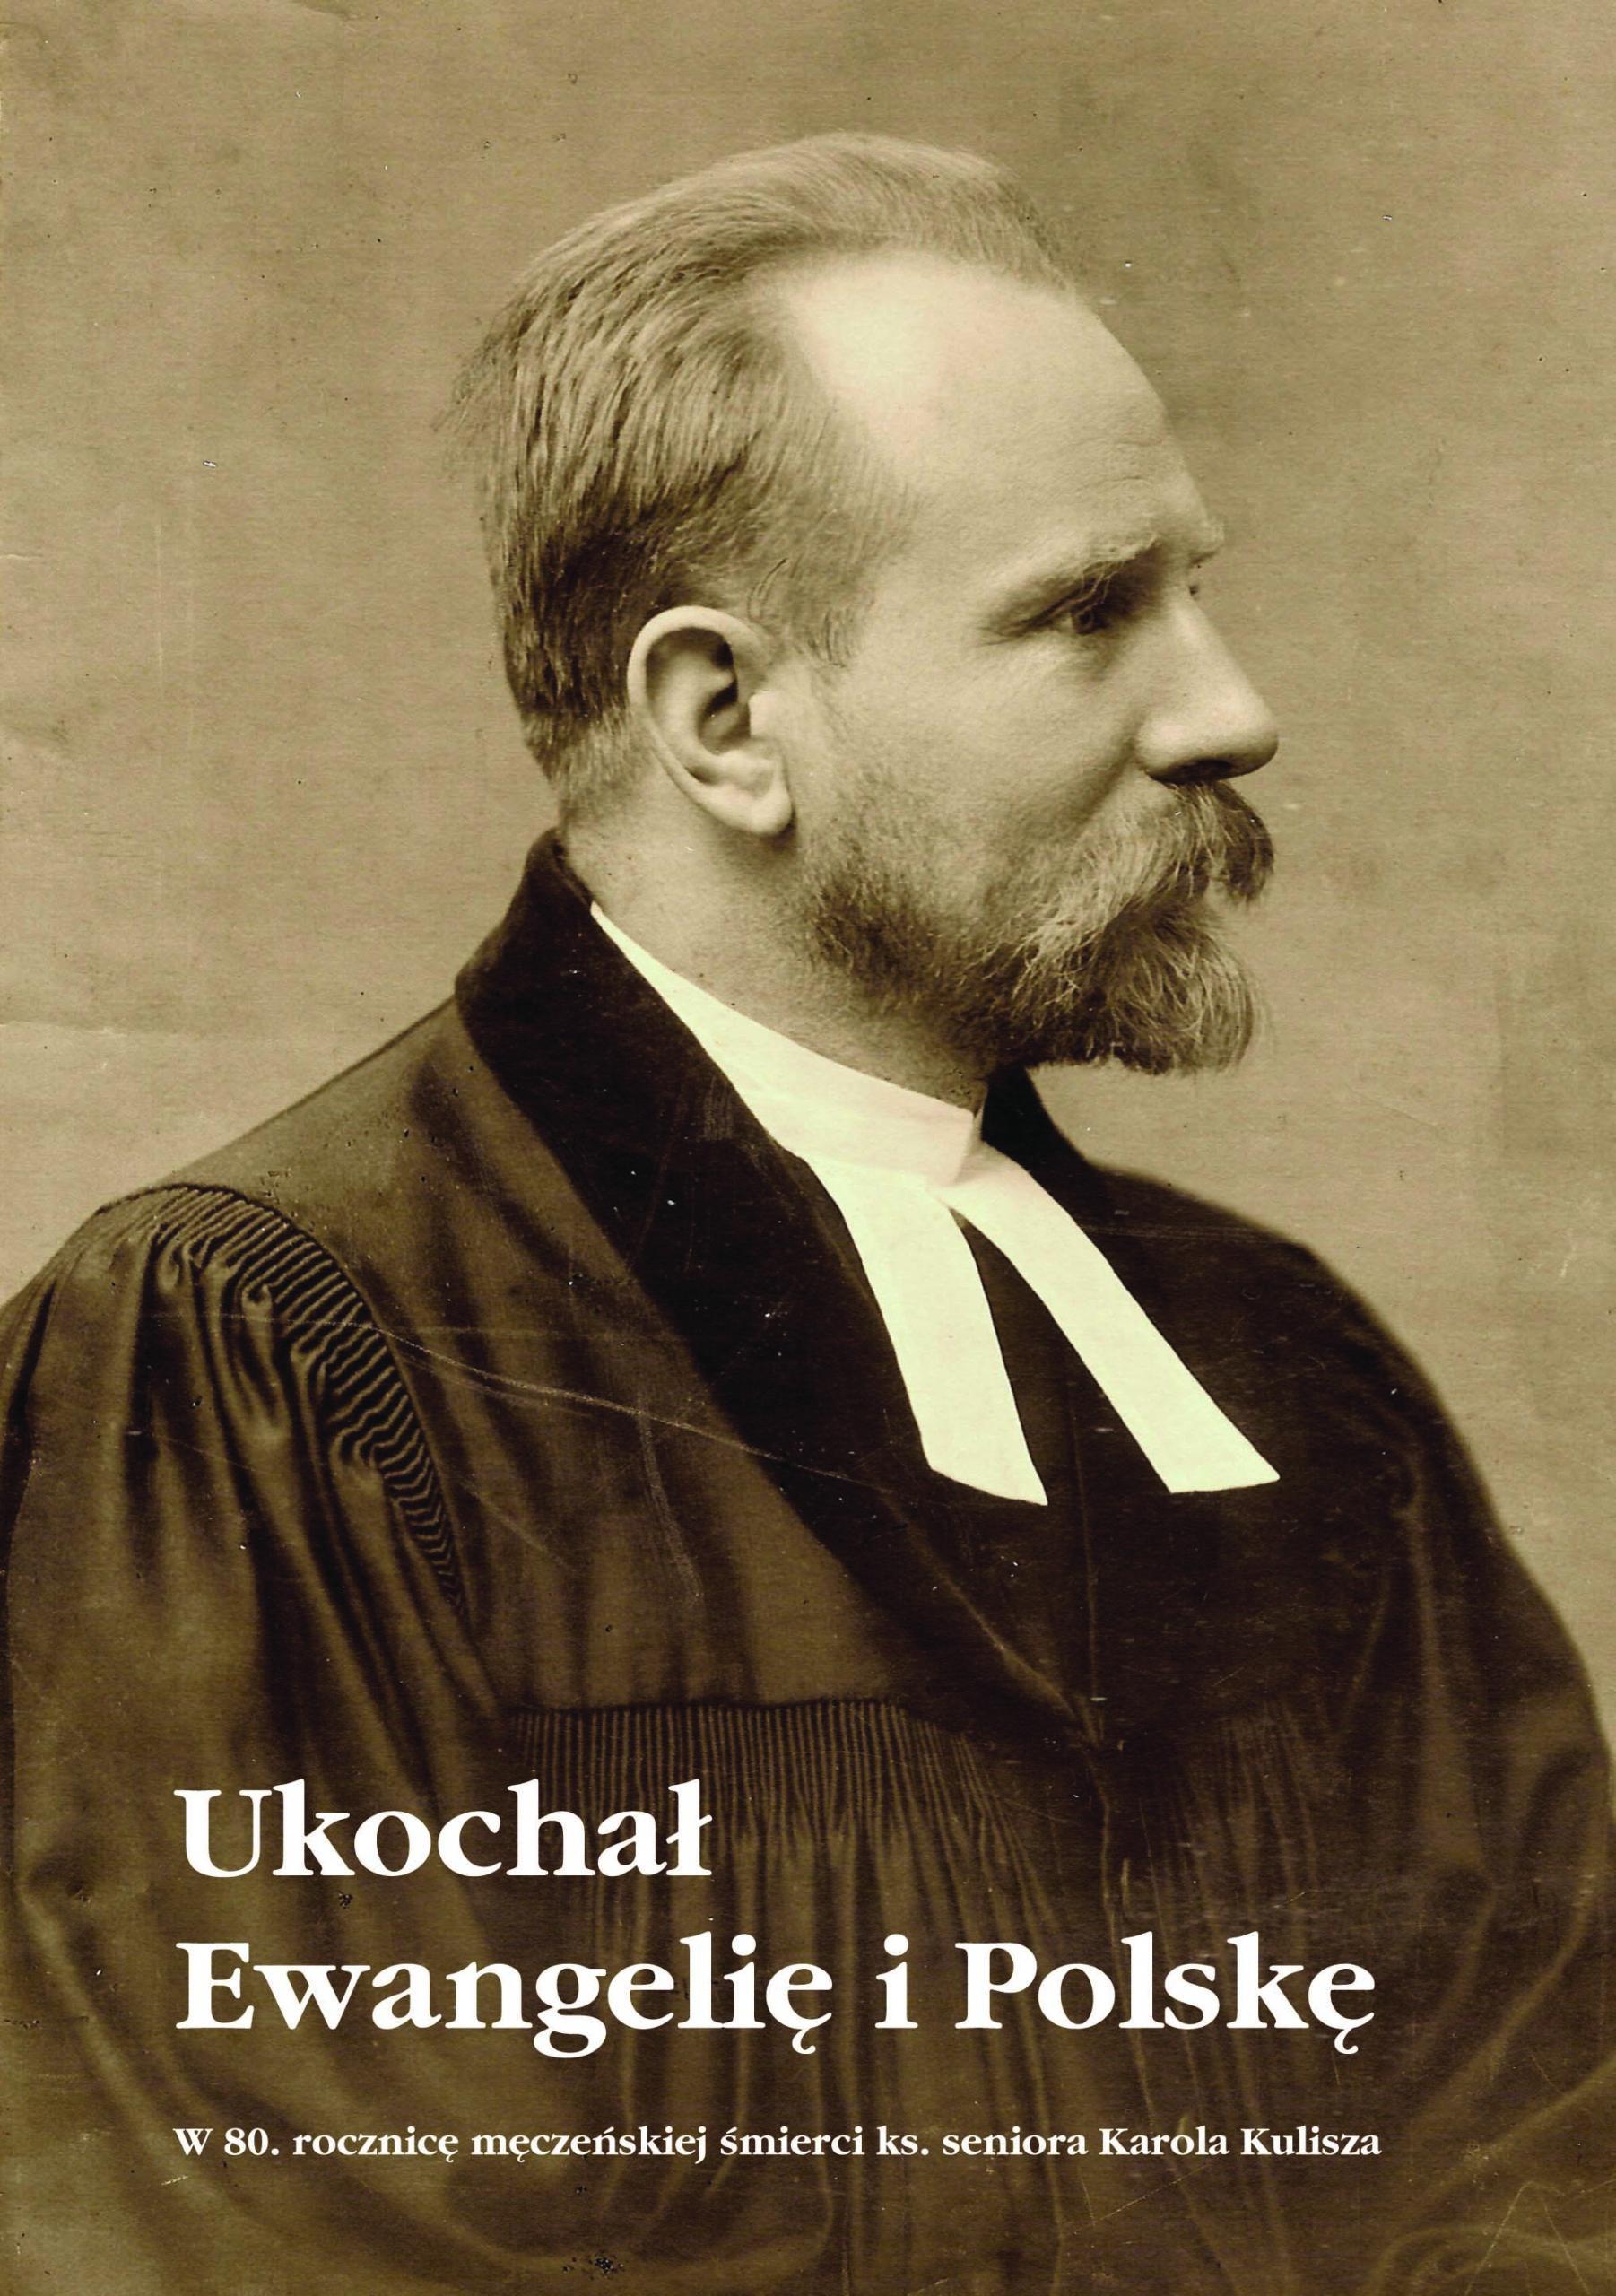 Nowa książka o ks. Karolu Kuliszu